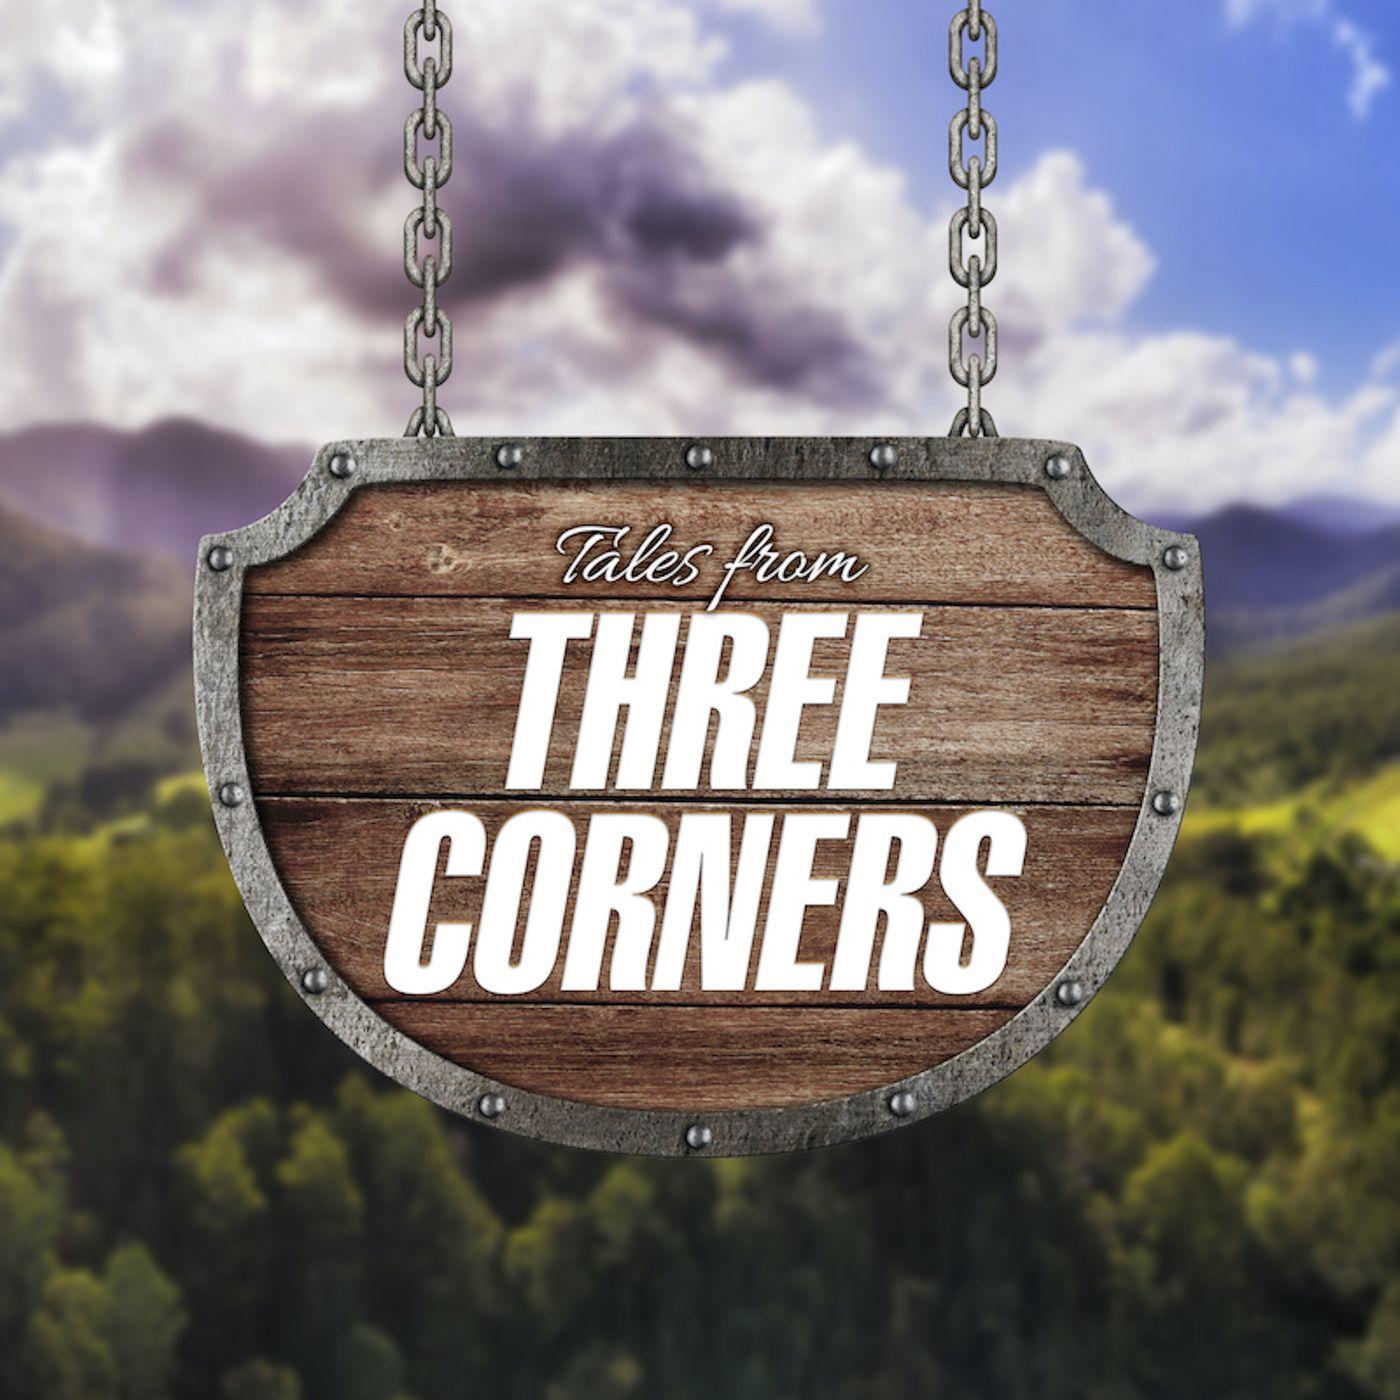 Tales from Three Corners